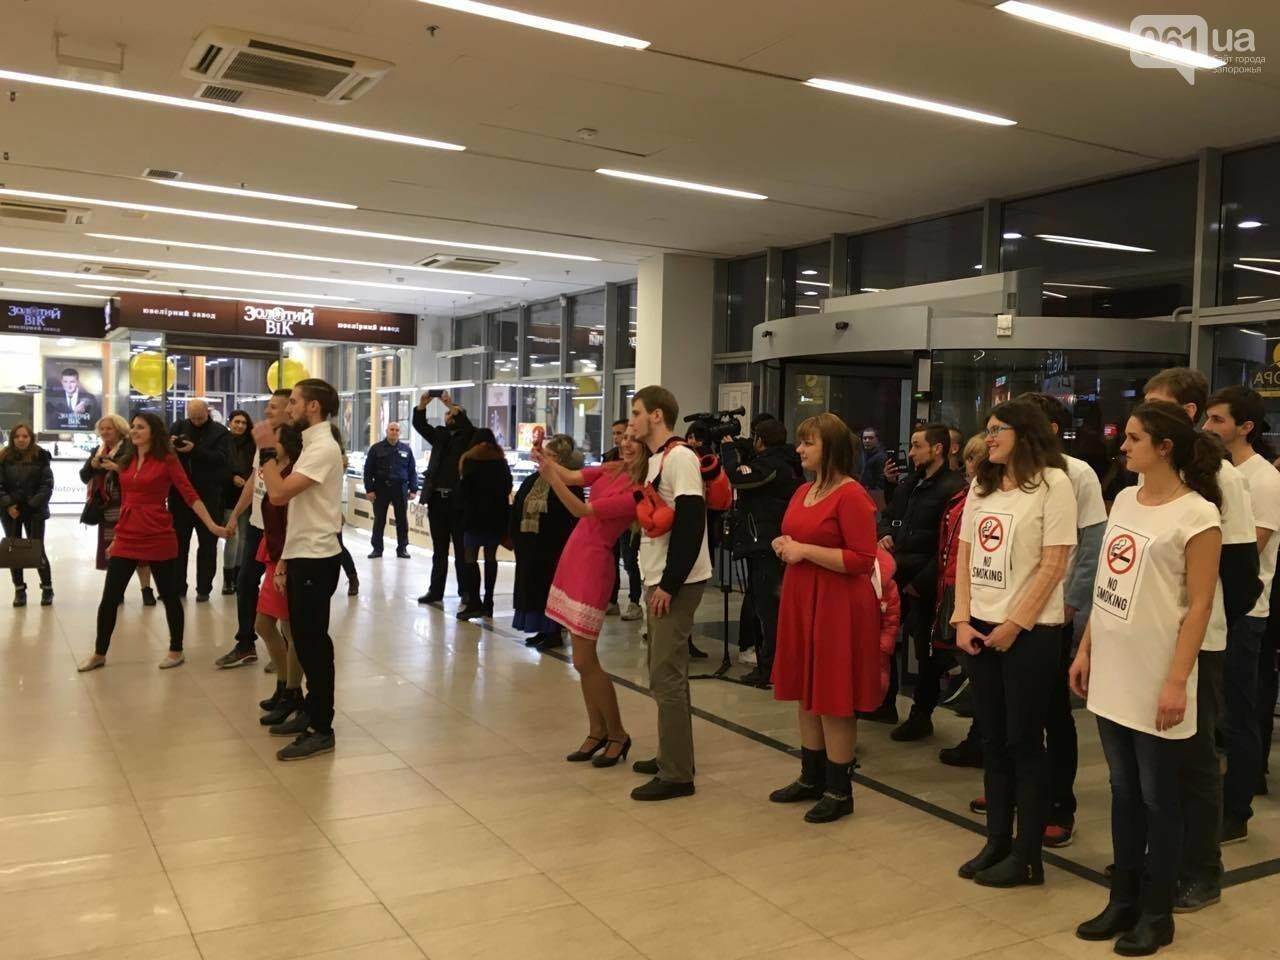 В запорожском торговом центре провели флешмоб против курения, - ФОТО, ВИДЕО, фото-2